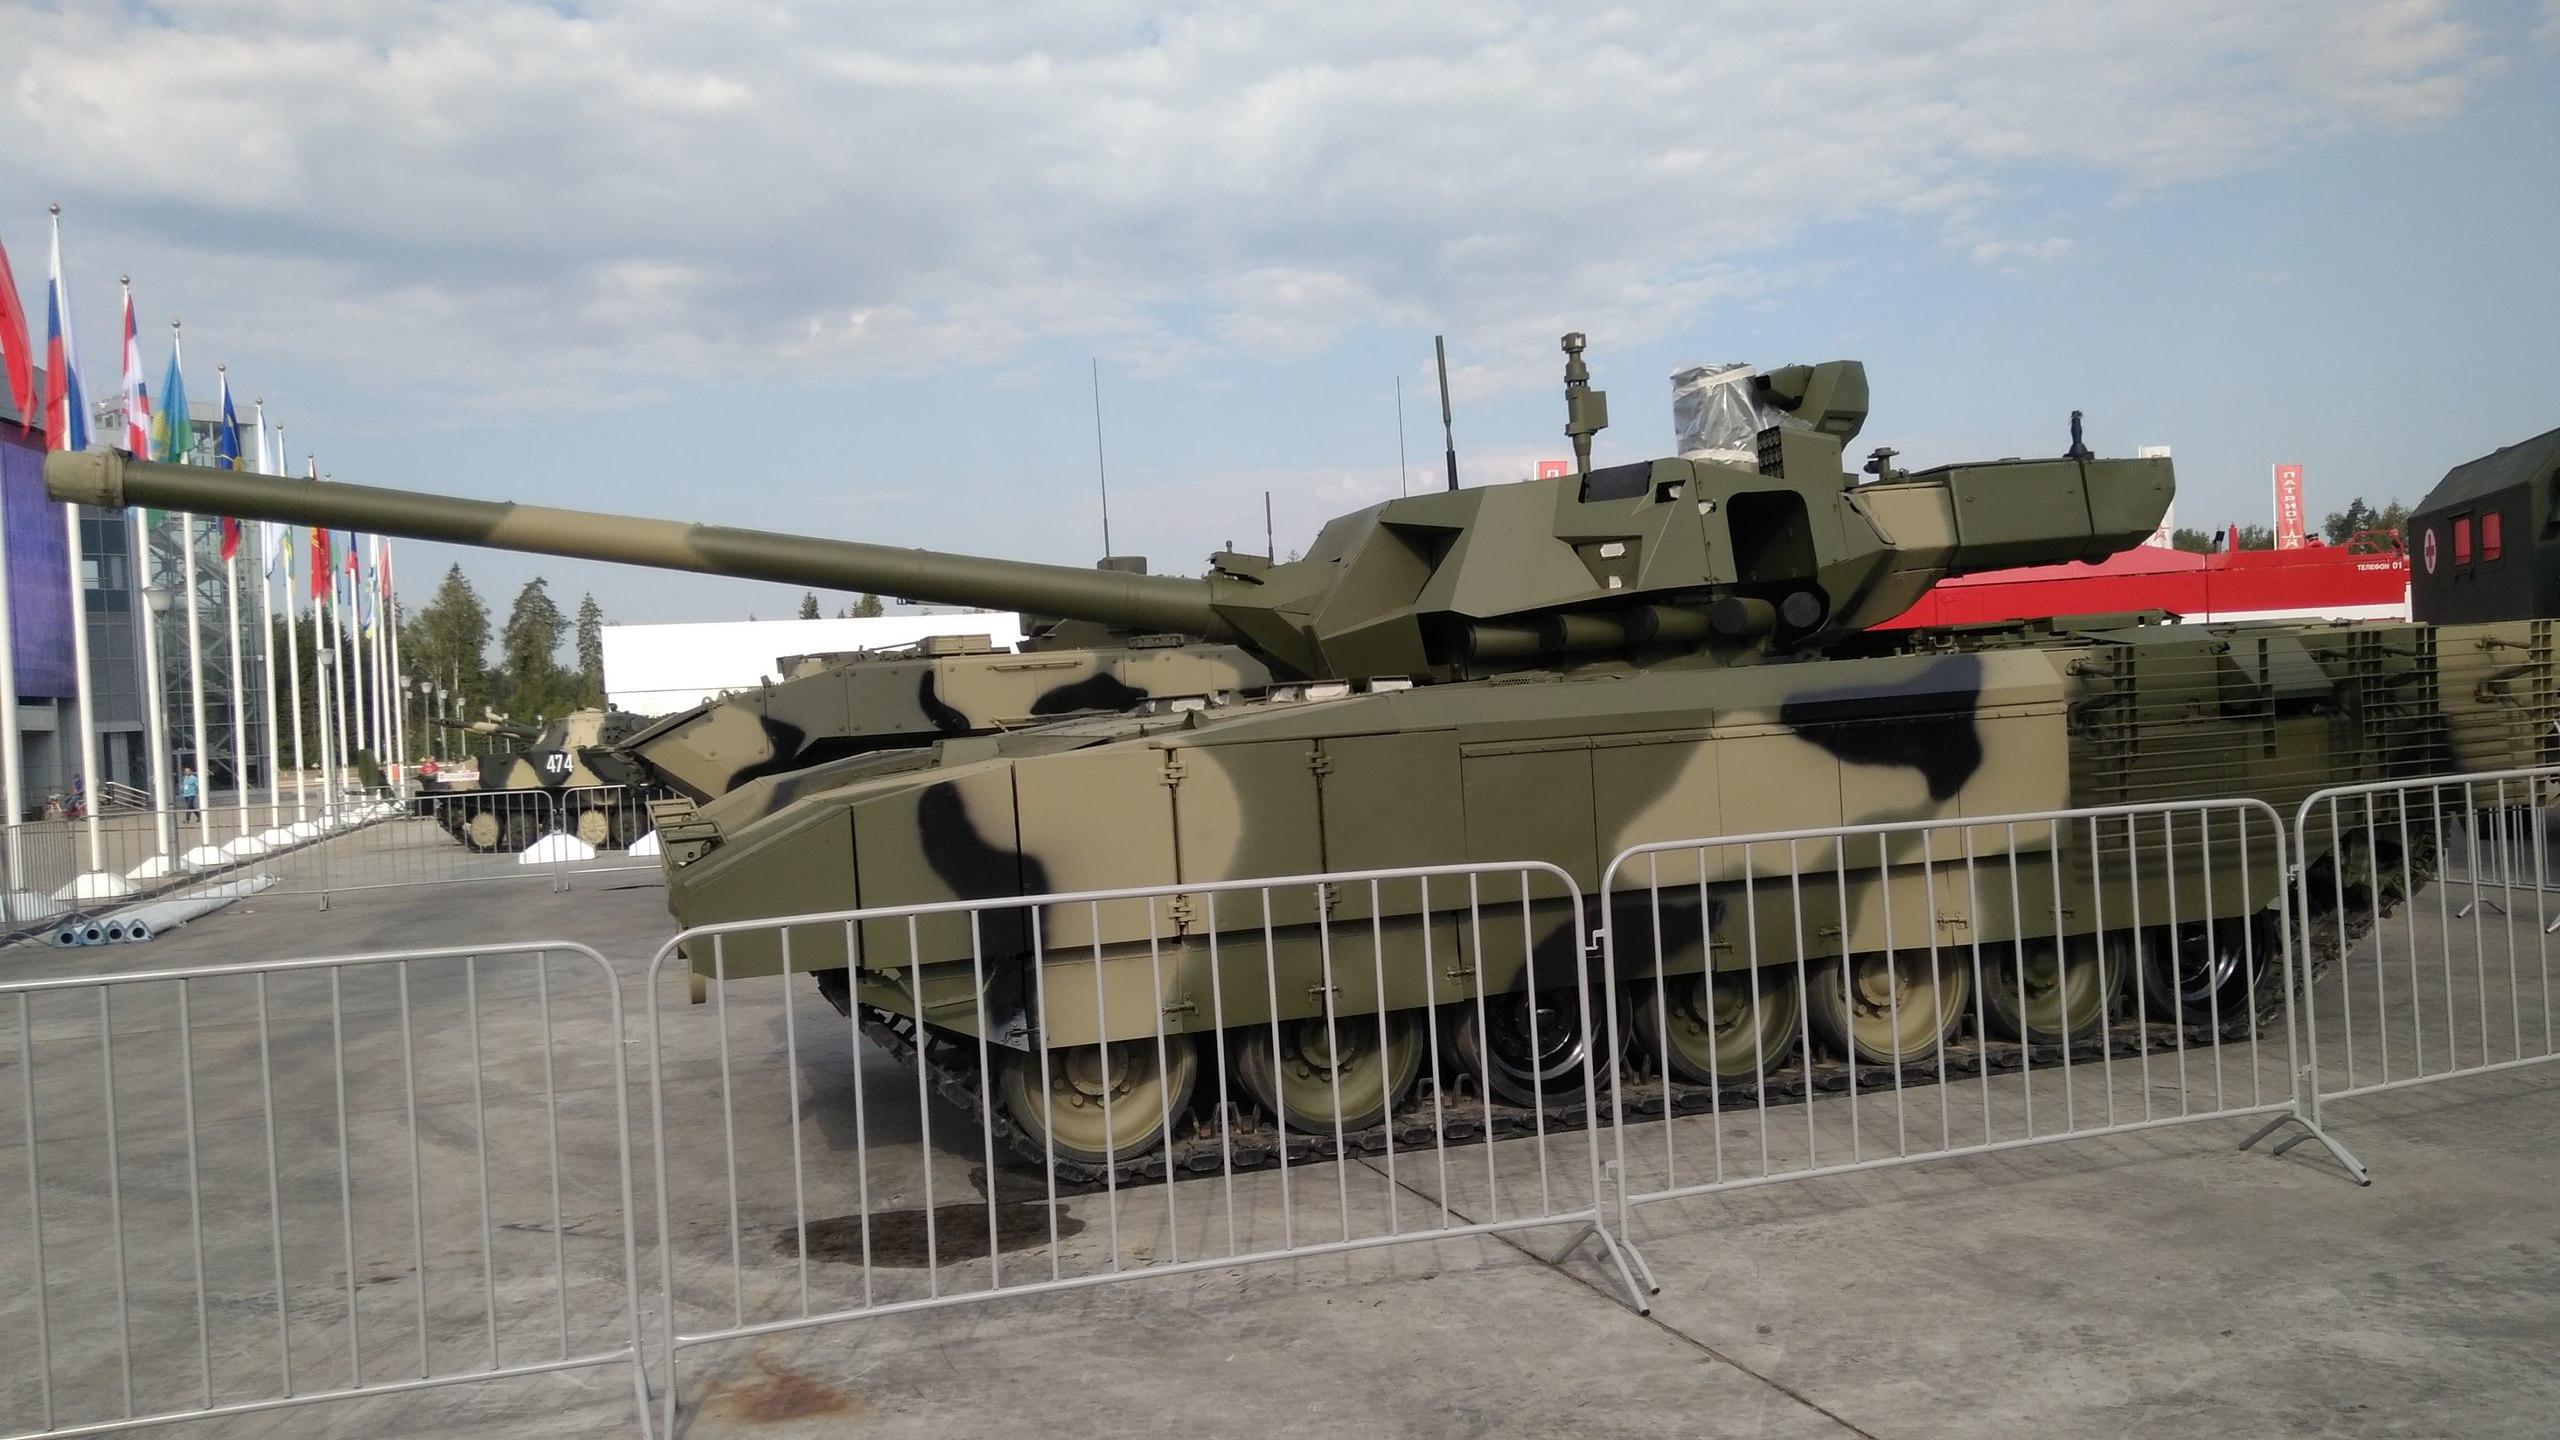 Armija-Nemzetközi haditechnikai fórum és kiállítás 8_zSTUzL60k